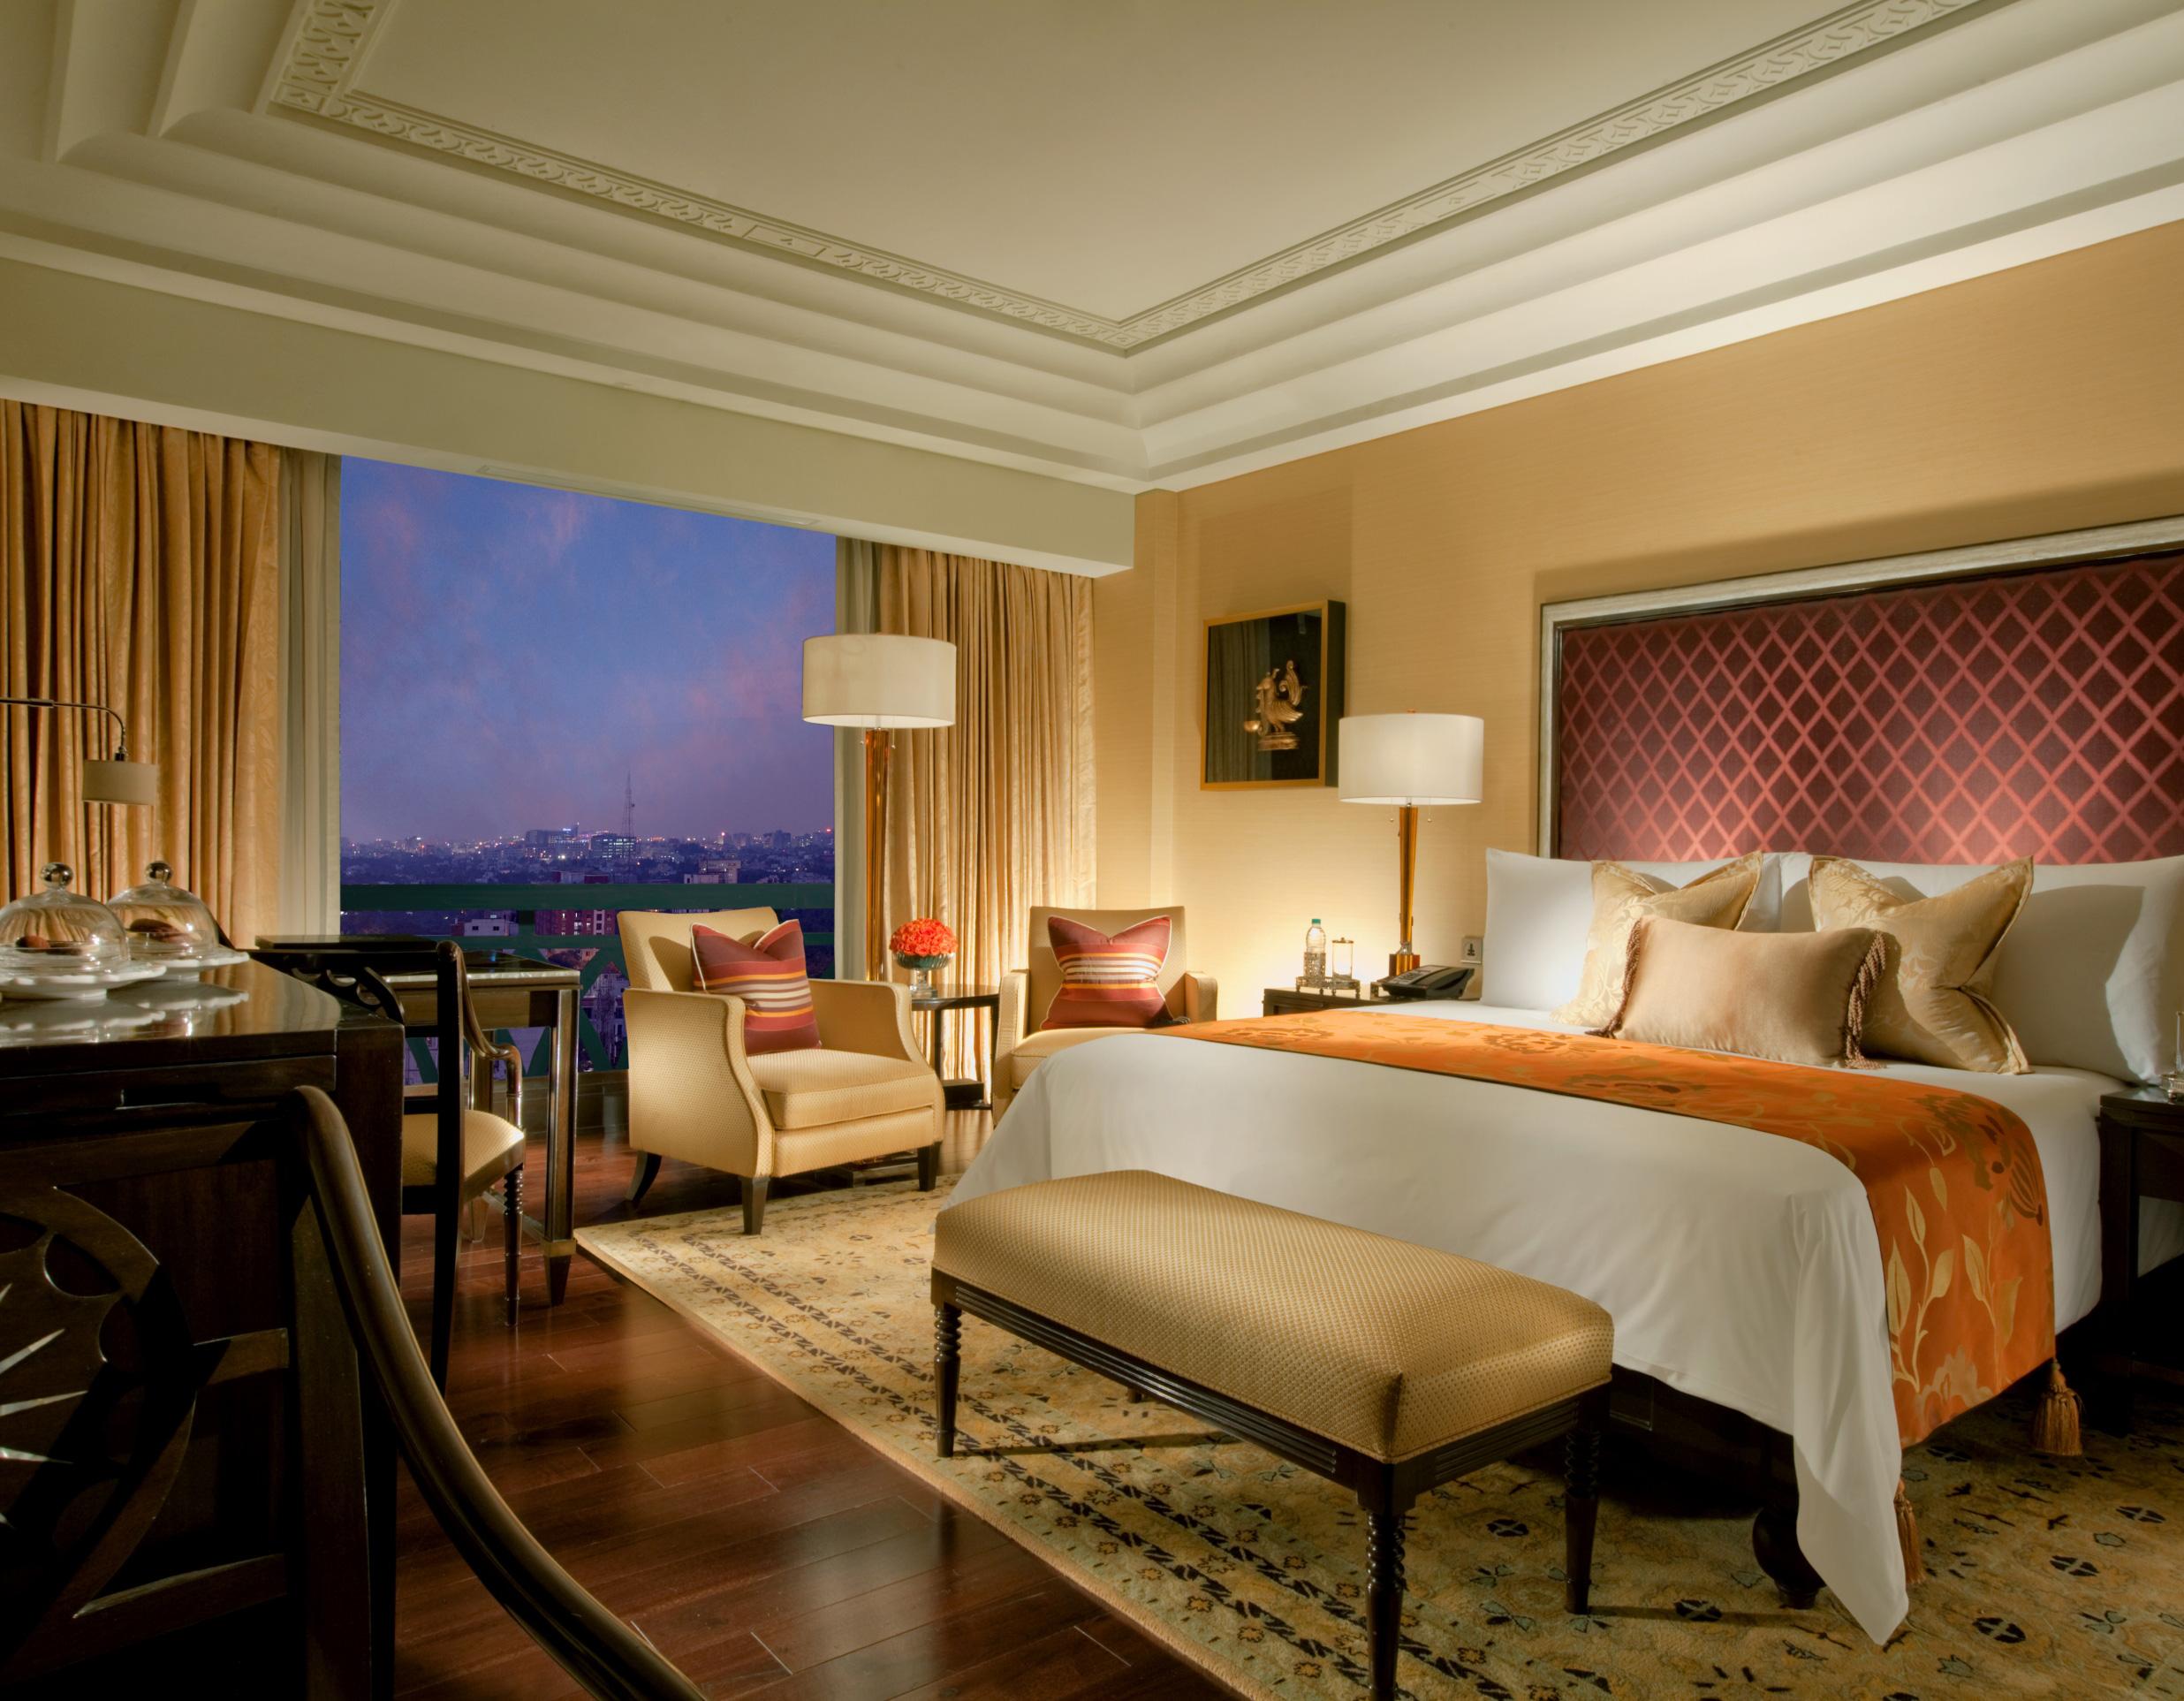 Hoteles de lujo en el sur de india for Hoteles de lujo fotos